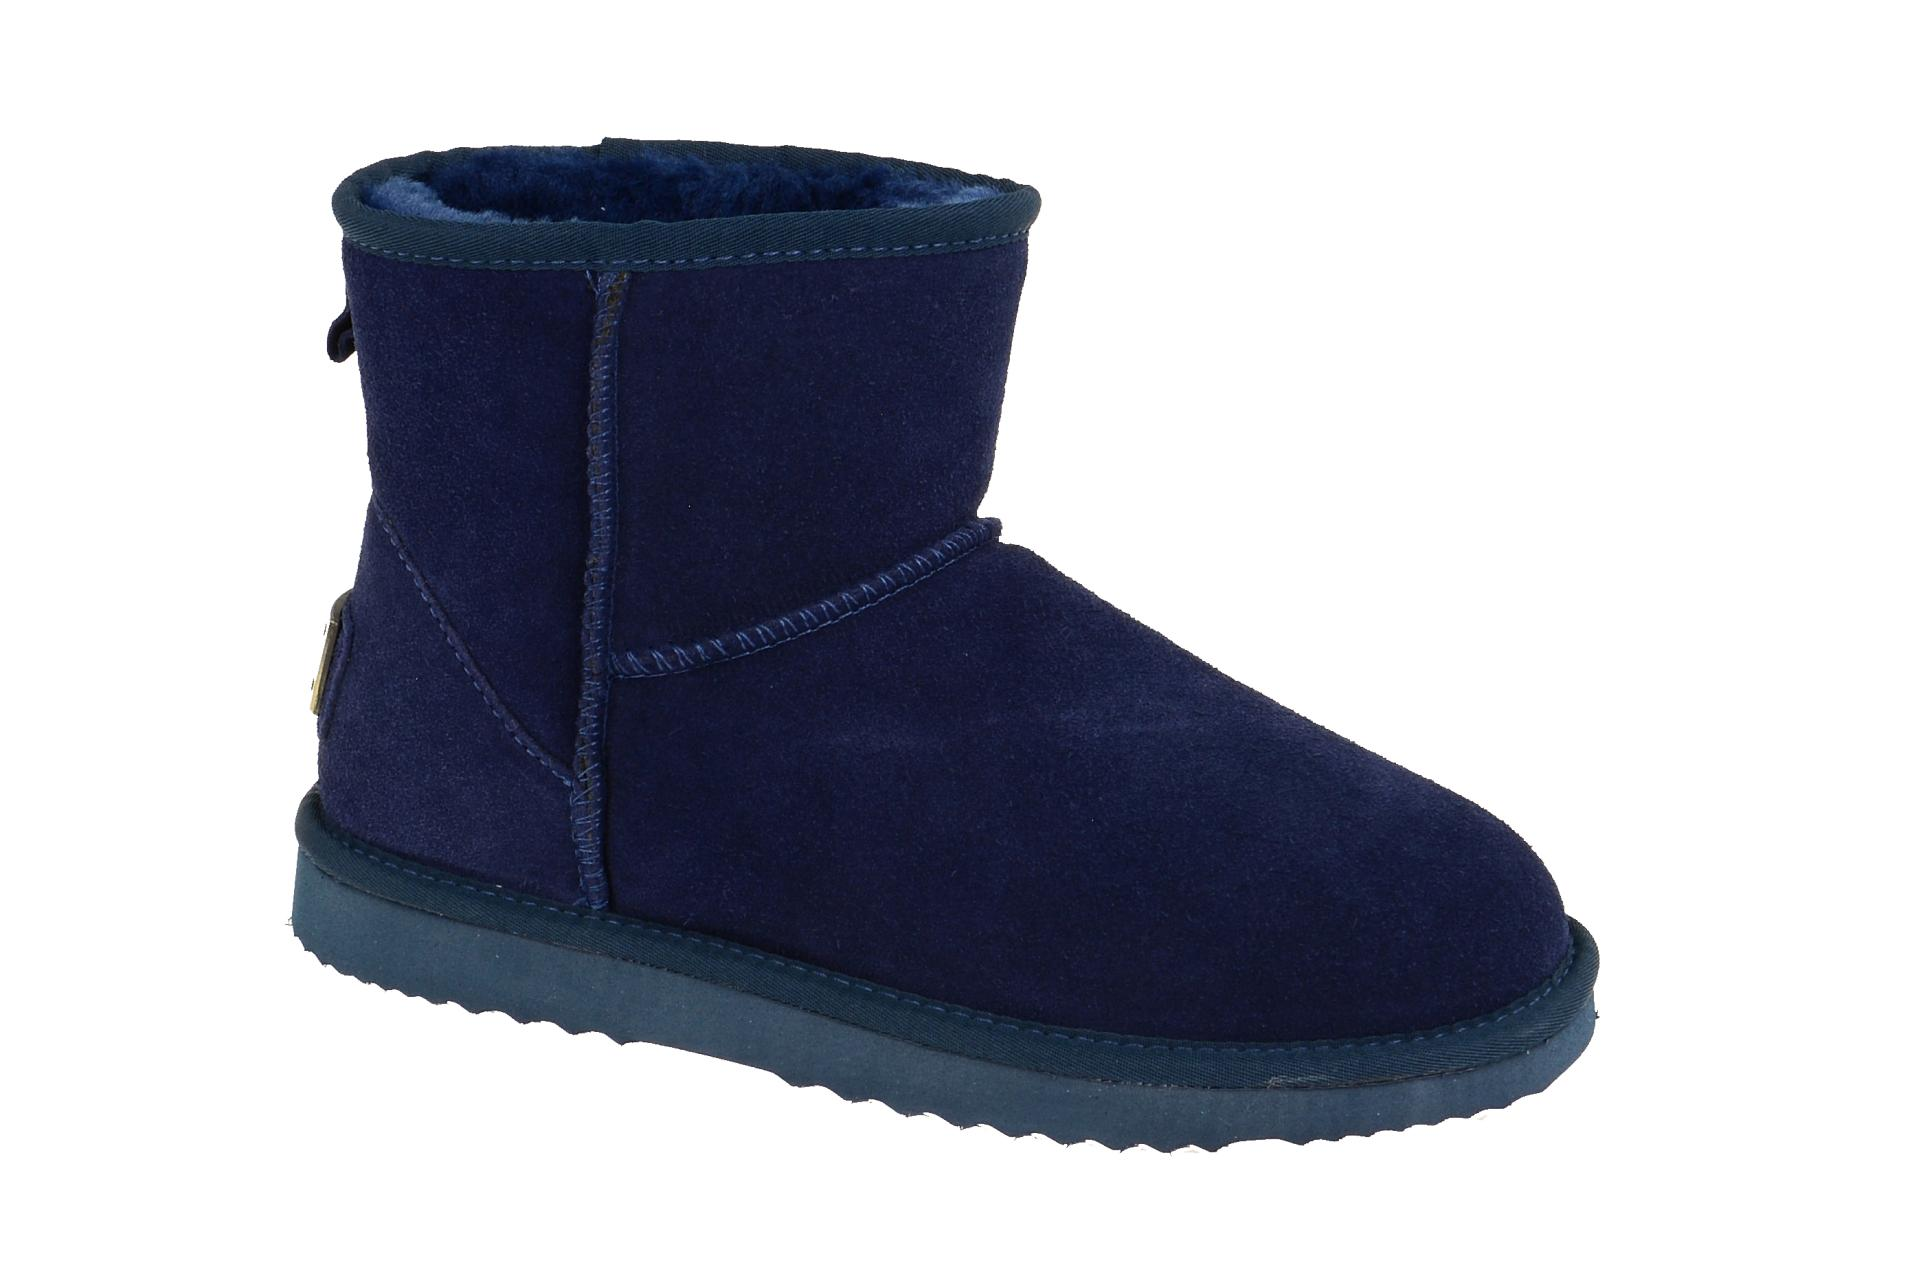 Oog Stiefel blau Teddy Fell Boots B5854 - Schuhhaus Strauch Shop 988e04df8b